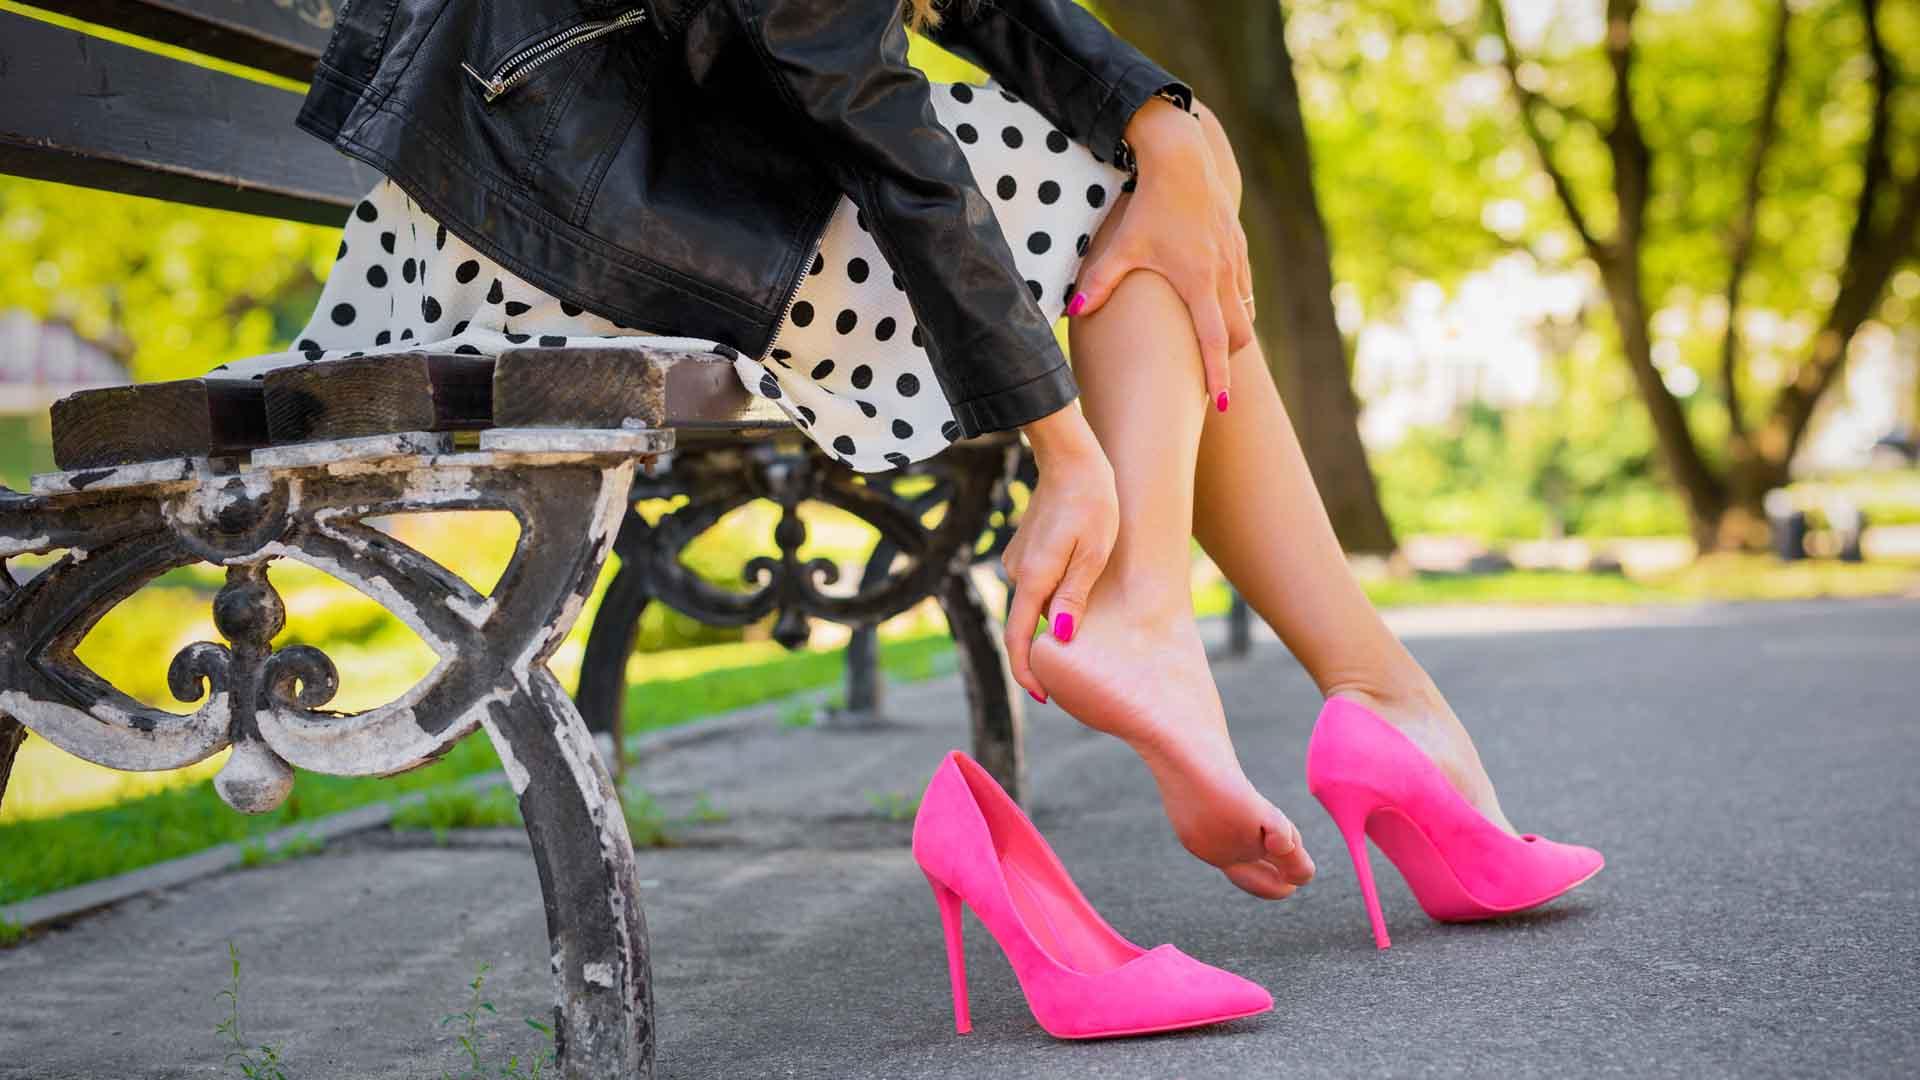 I tacchi sono dannosi per la salute delle donne